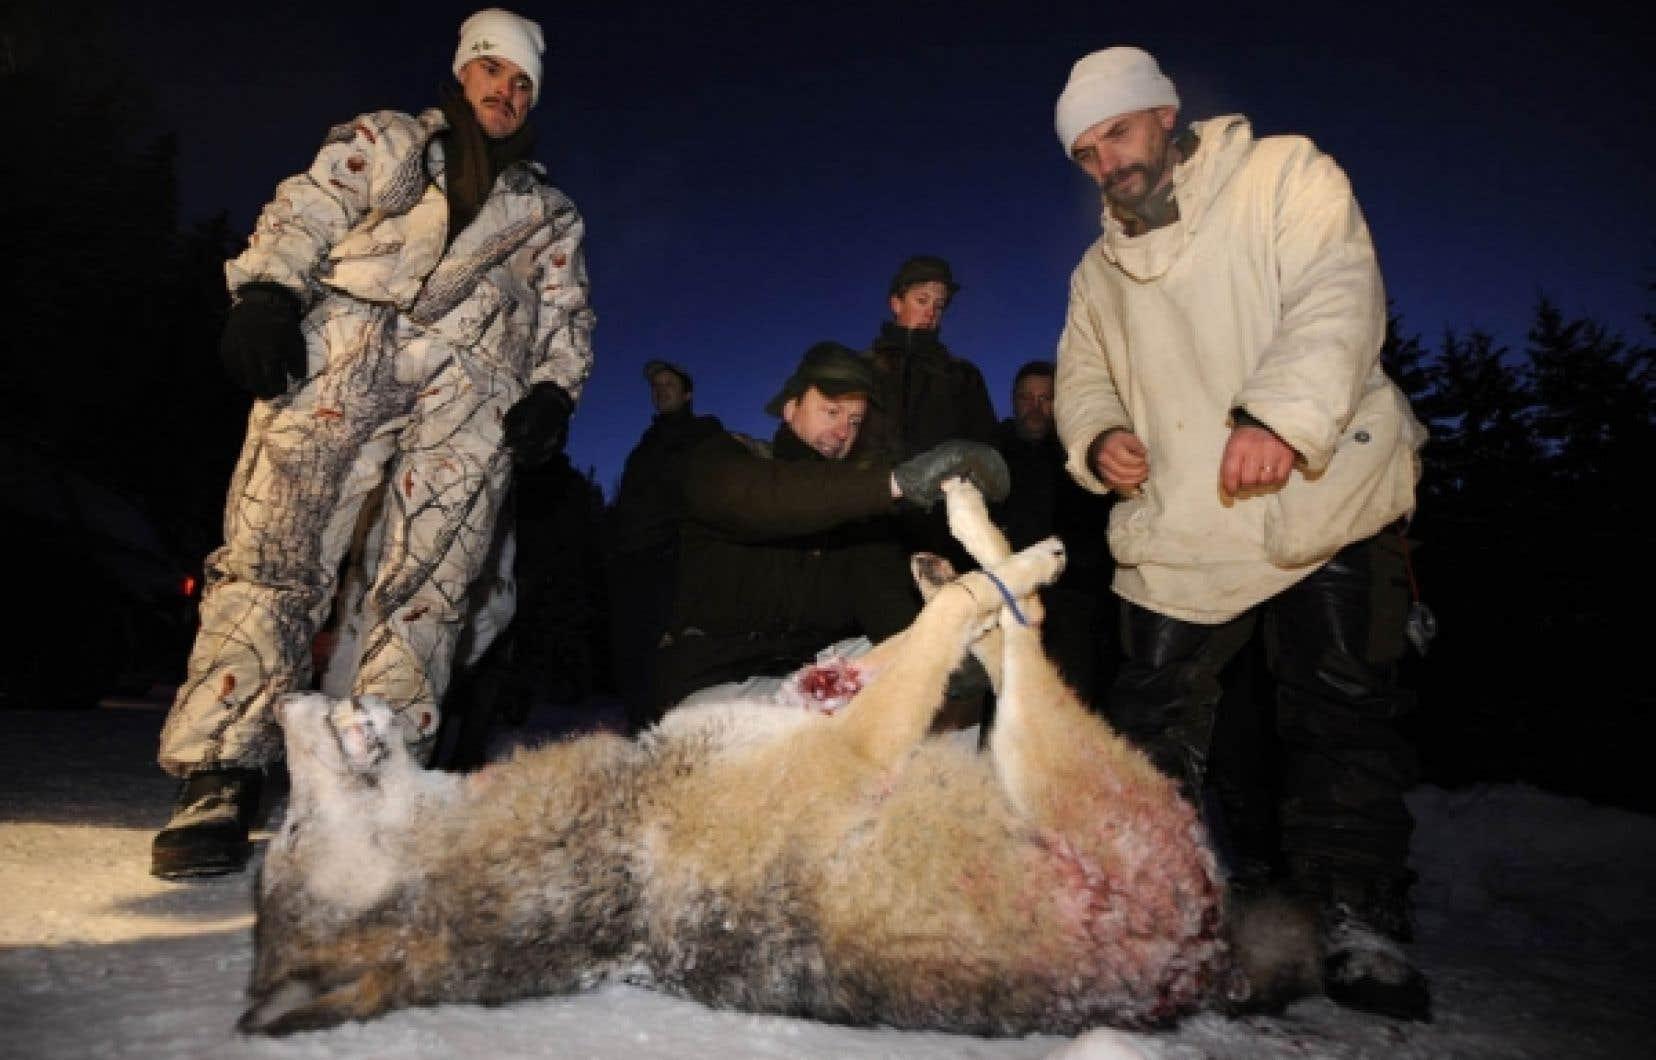 La chasse au loup a été rouverte en Suède, après avoir été interdite durant 45 ans.<br />